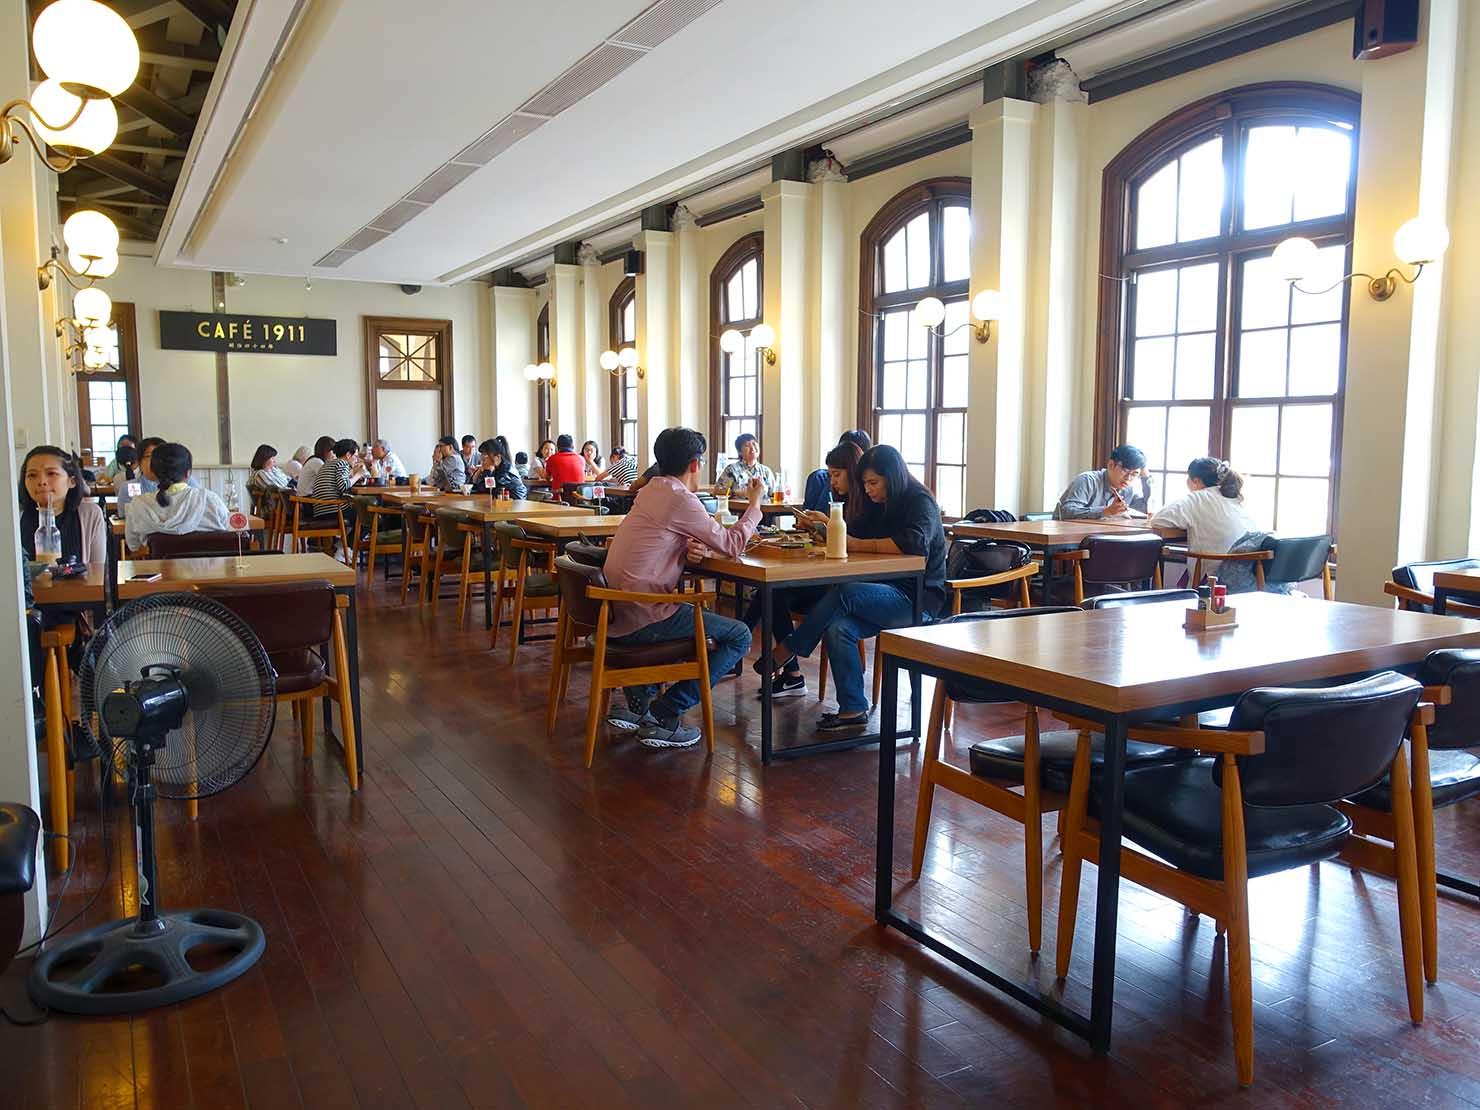 台中観光のおすすめスポット「台中市役所」内のカフェ